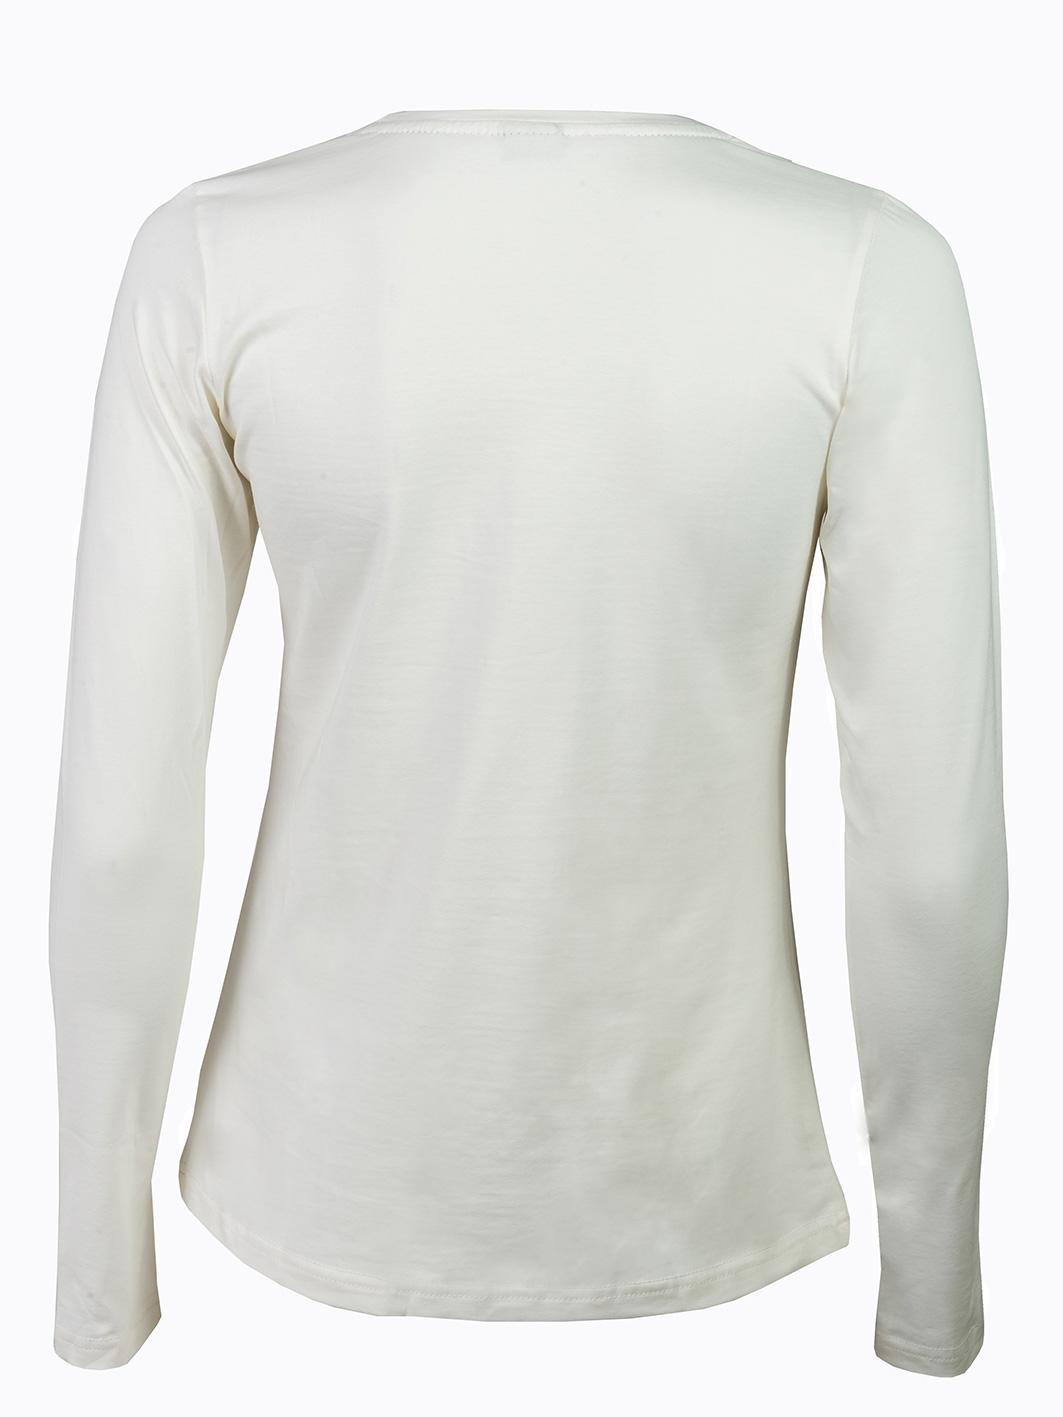 ženska majica dugi rukav bež